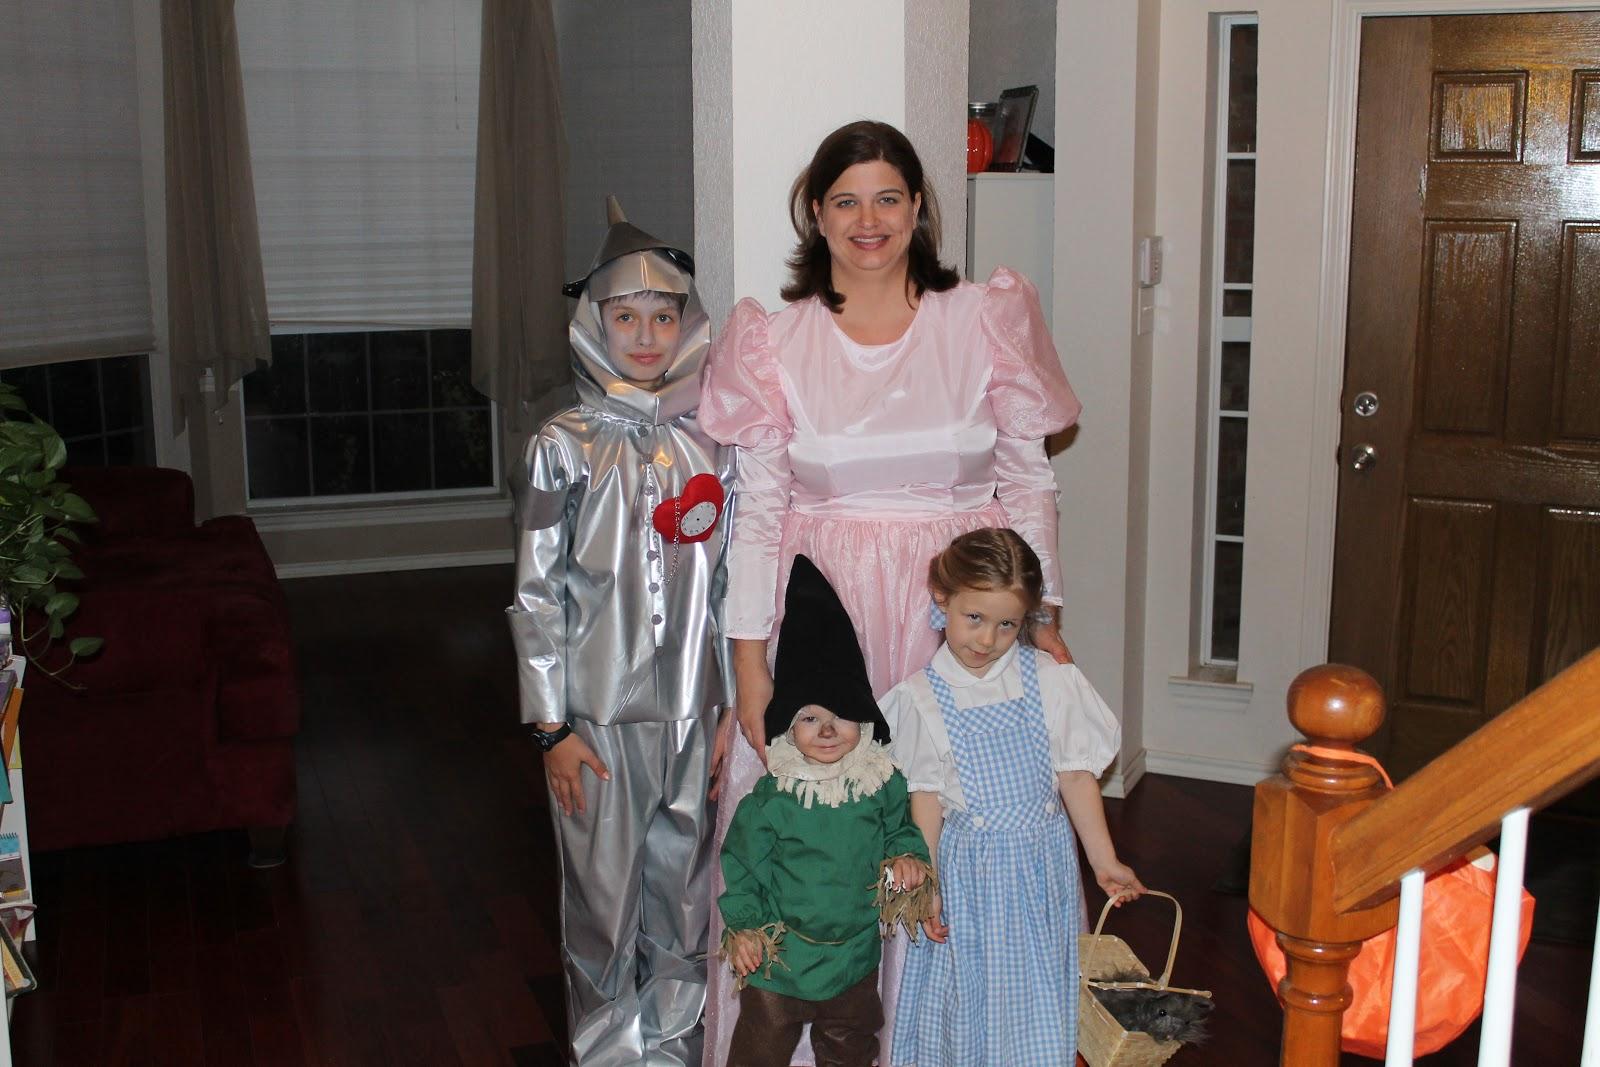 http://1.bp.blogspot.com/-YGjGsvYjXvo/UJHiJClJHwI/AAAAAAAAFJw/tamkA9QW4YA/s1600/Halloween+2012+045.JPG